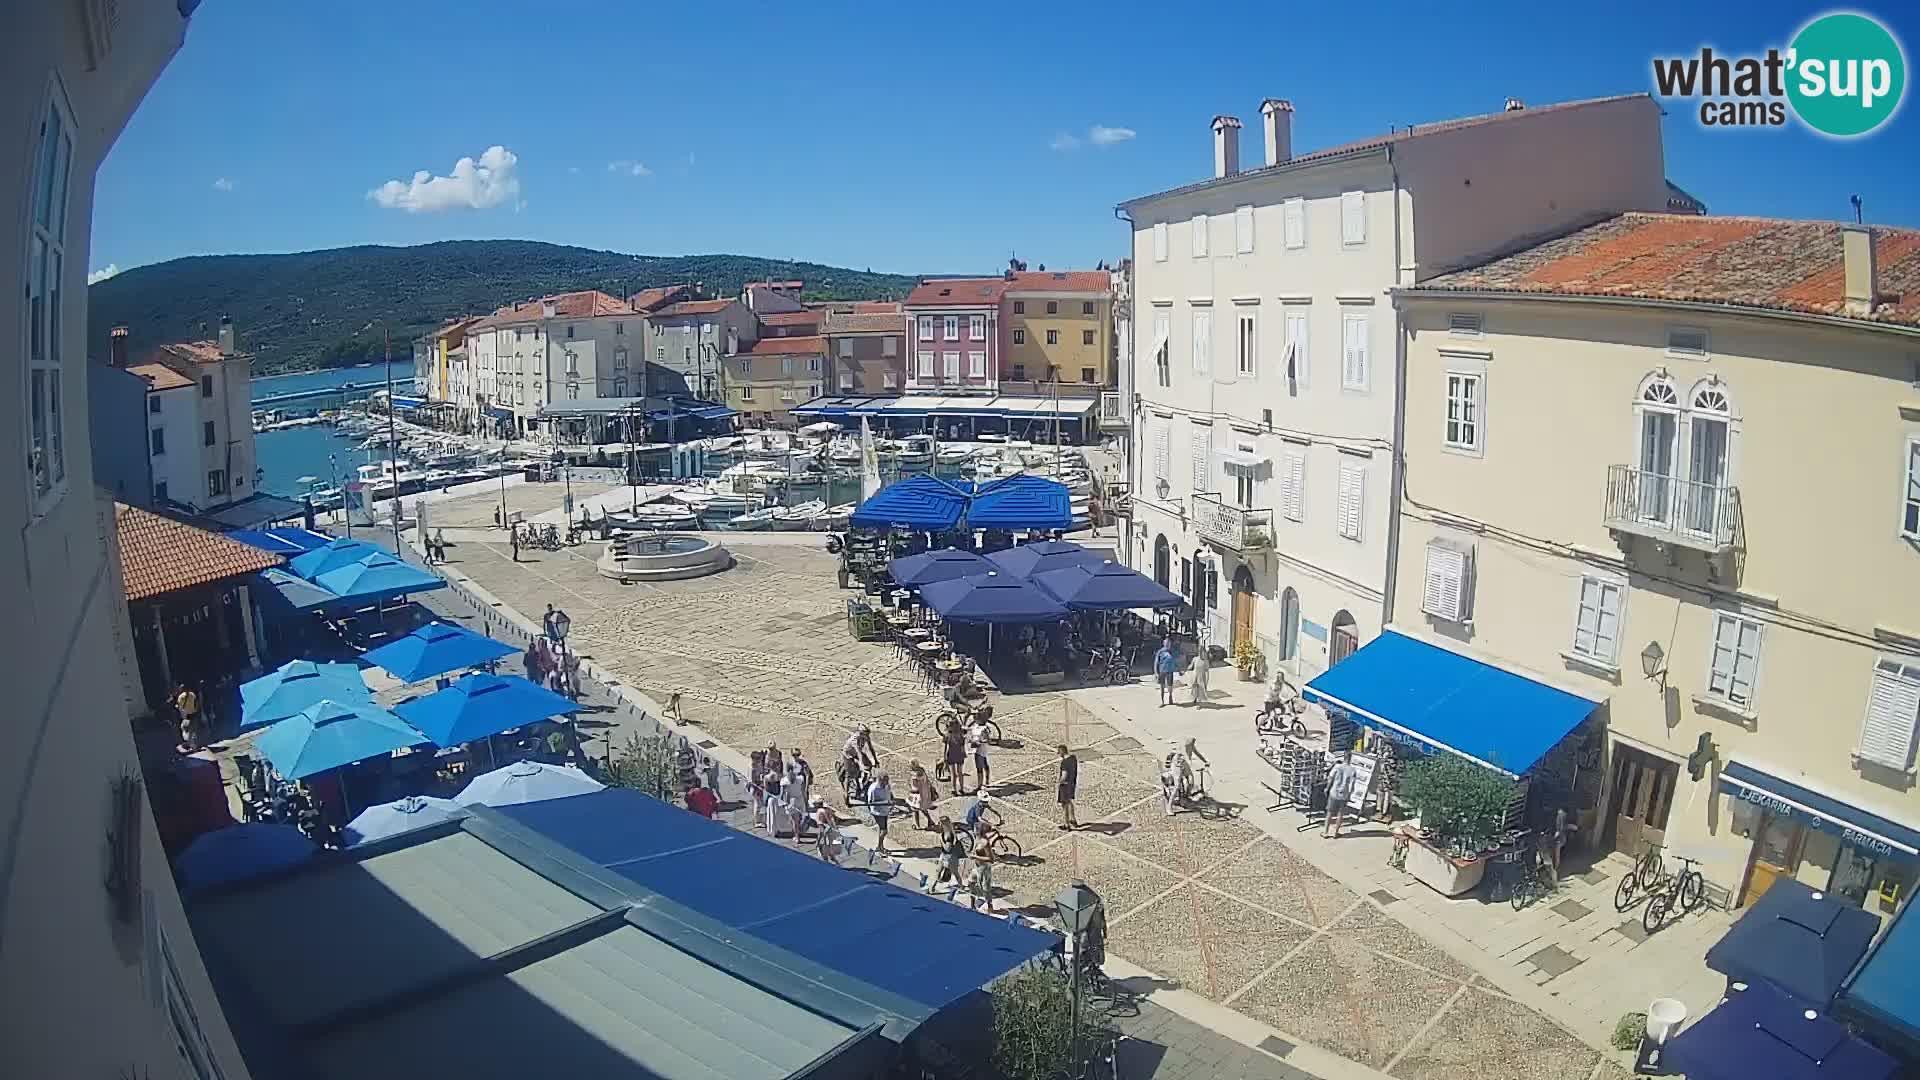 """Cámara en vivo ciudad de Cres – plaza principal y """"mandrač"""" – isla de Cres – Croacia"""